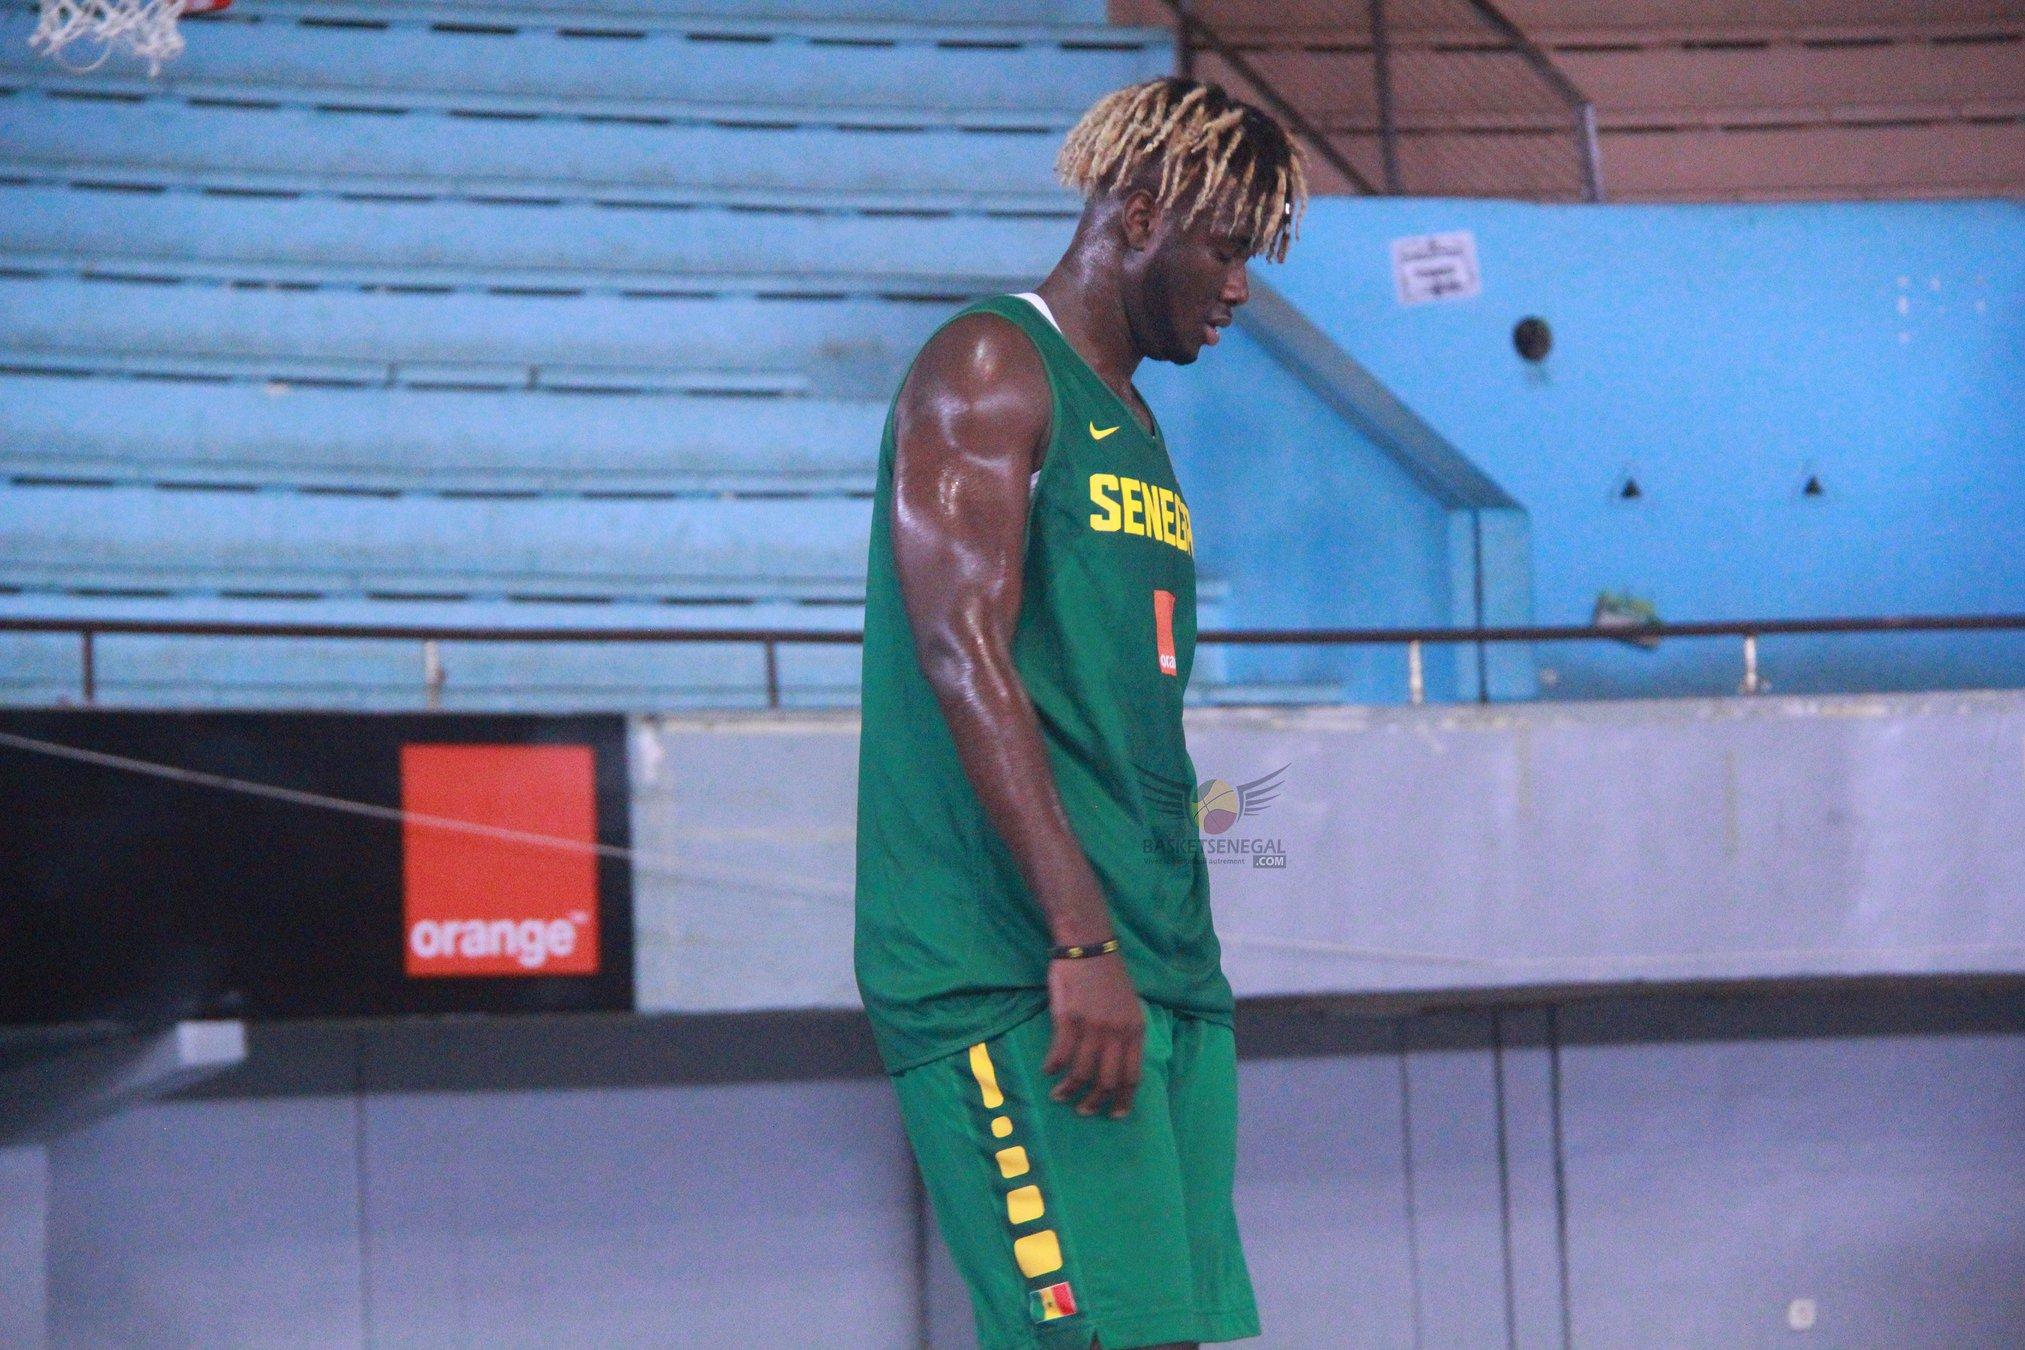 - Un homme debout devant un bâtiment - Jeux d'intérieur et sports